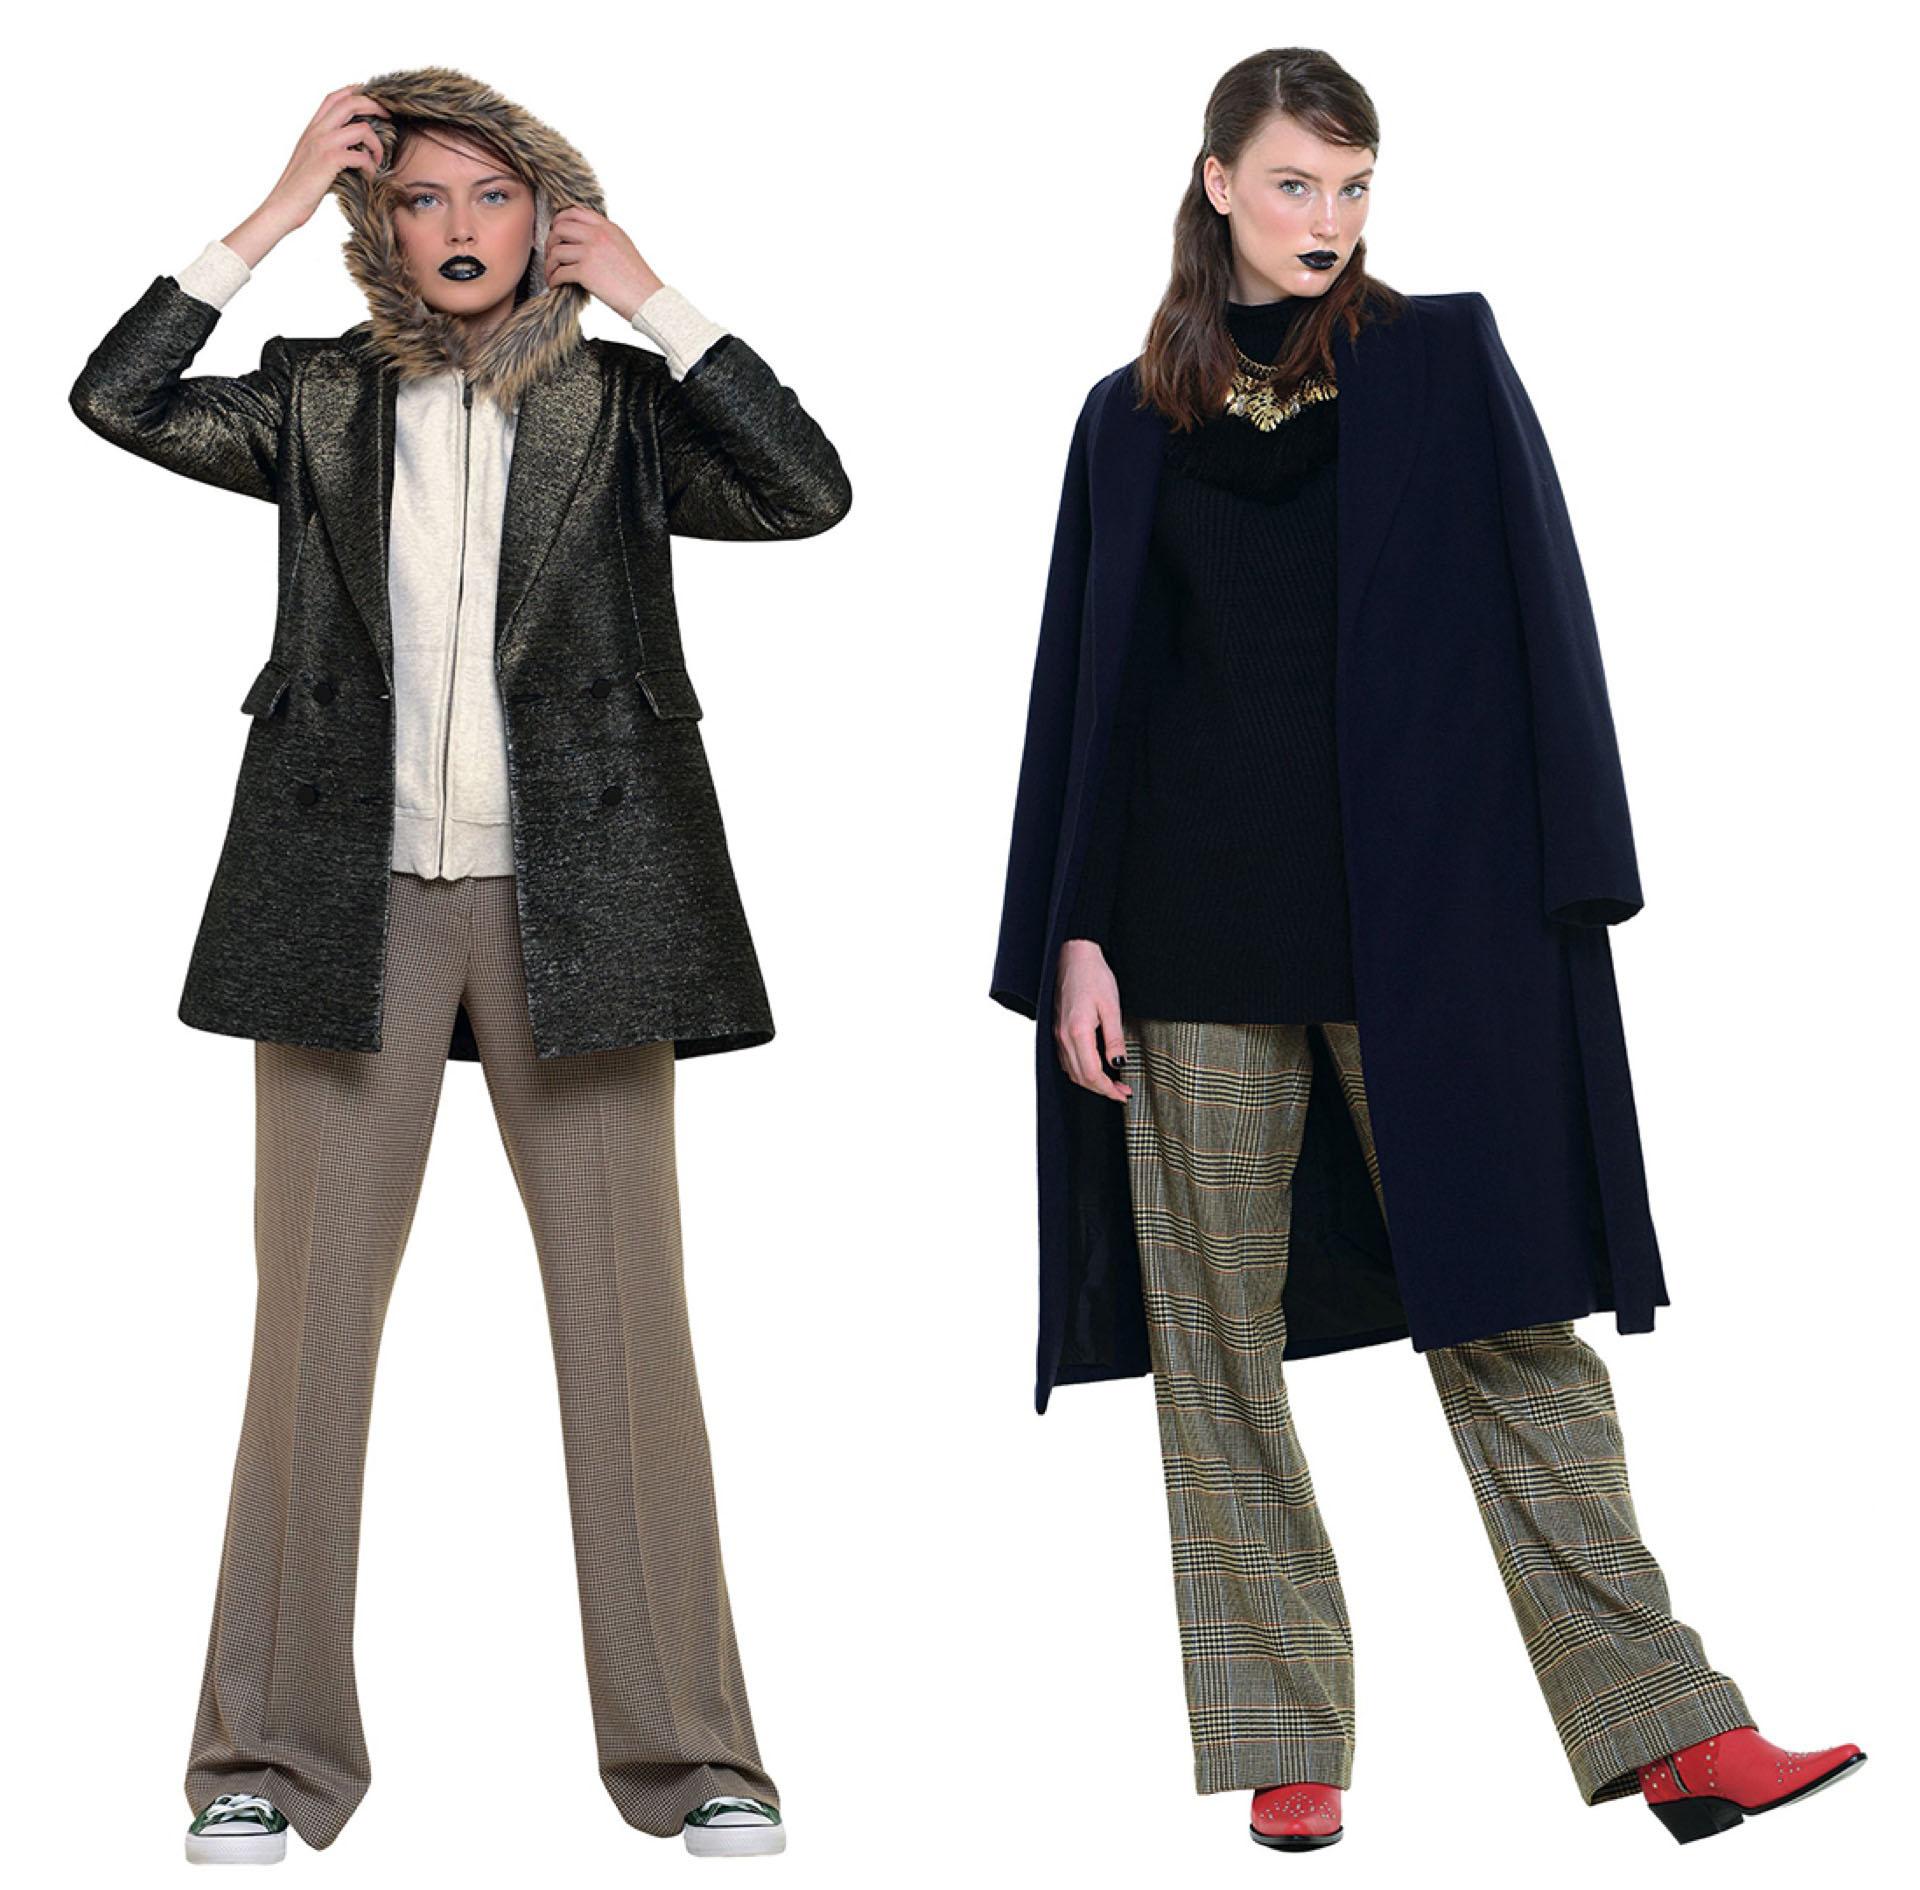 #PARA TI - ITEMS - pantalon ancho - moda - AC01